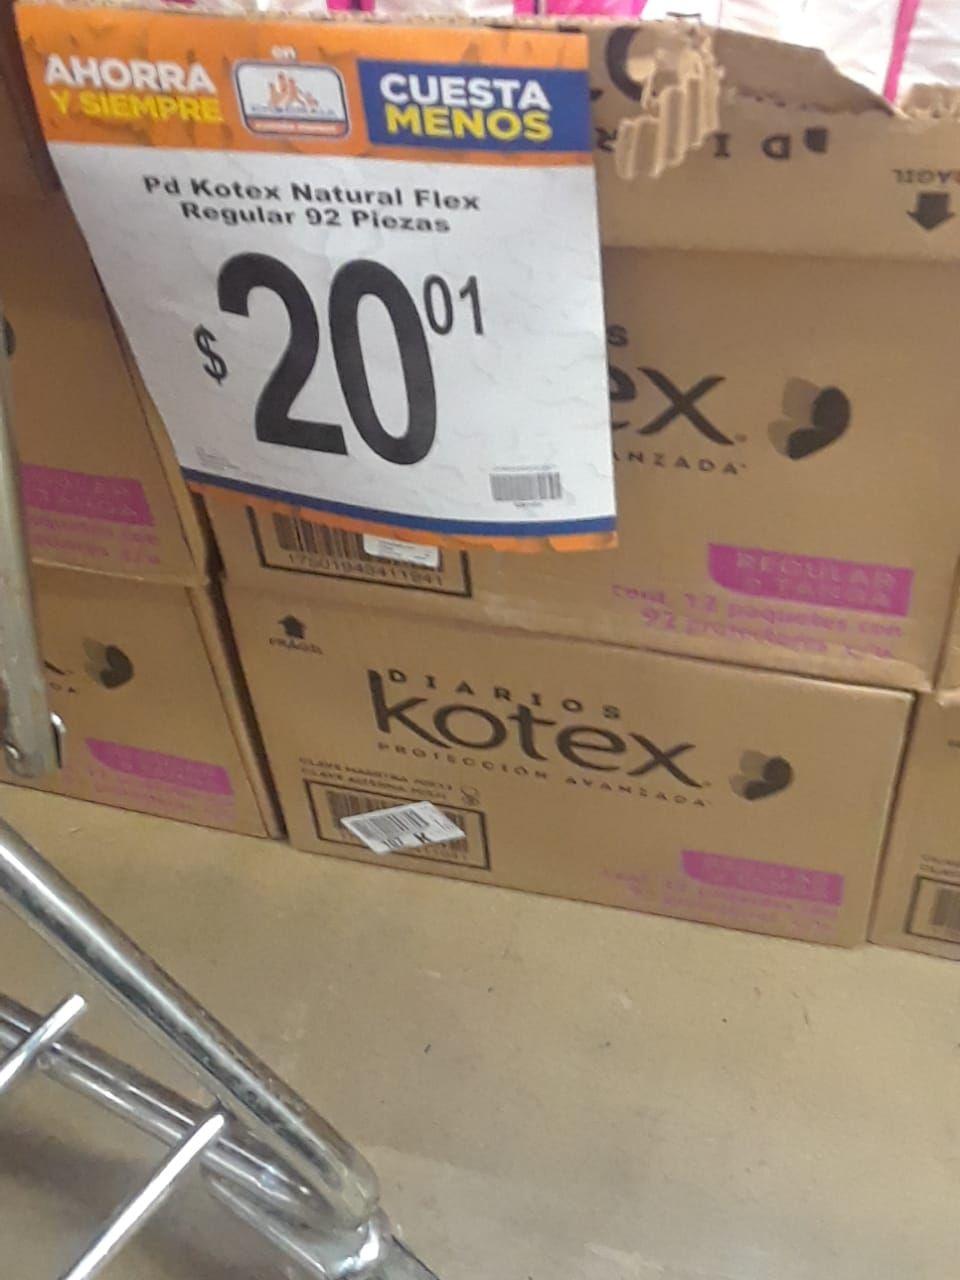 Chedraui: Pantiprotectores 92 piezas, Kotex Natural Flex.